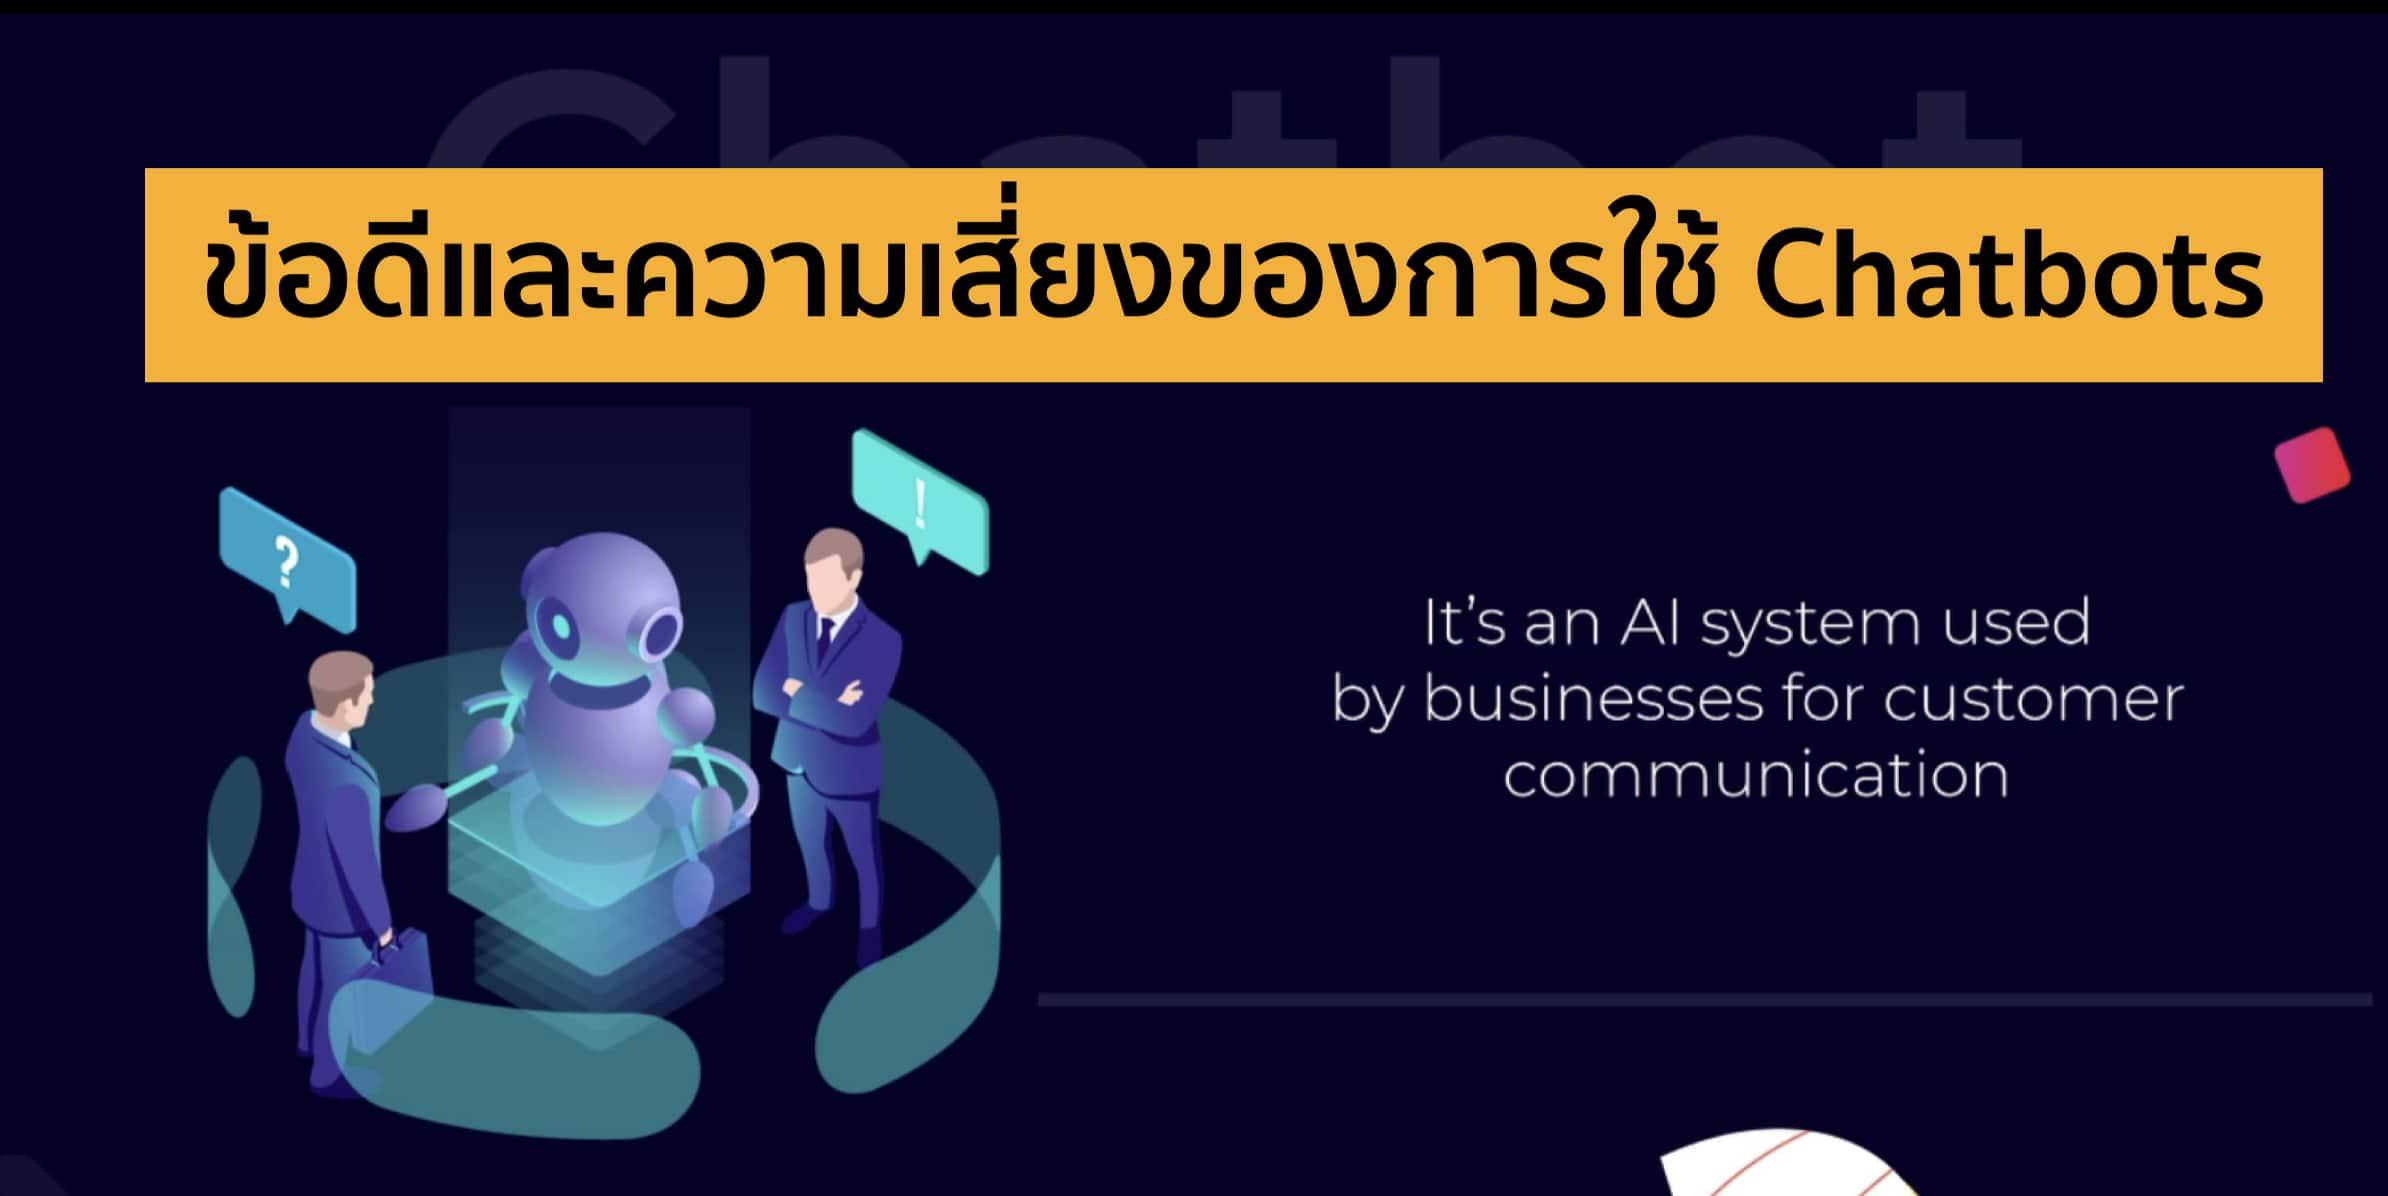 Chatbots – มีข้อดีและข้อควรระวังอะไรบ้าง?